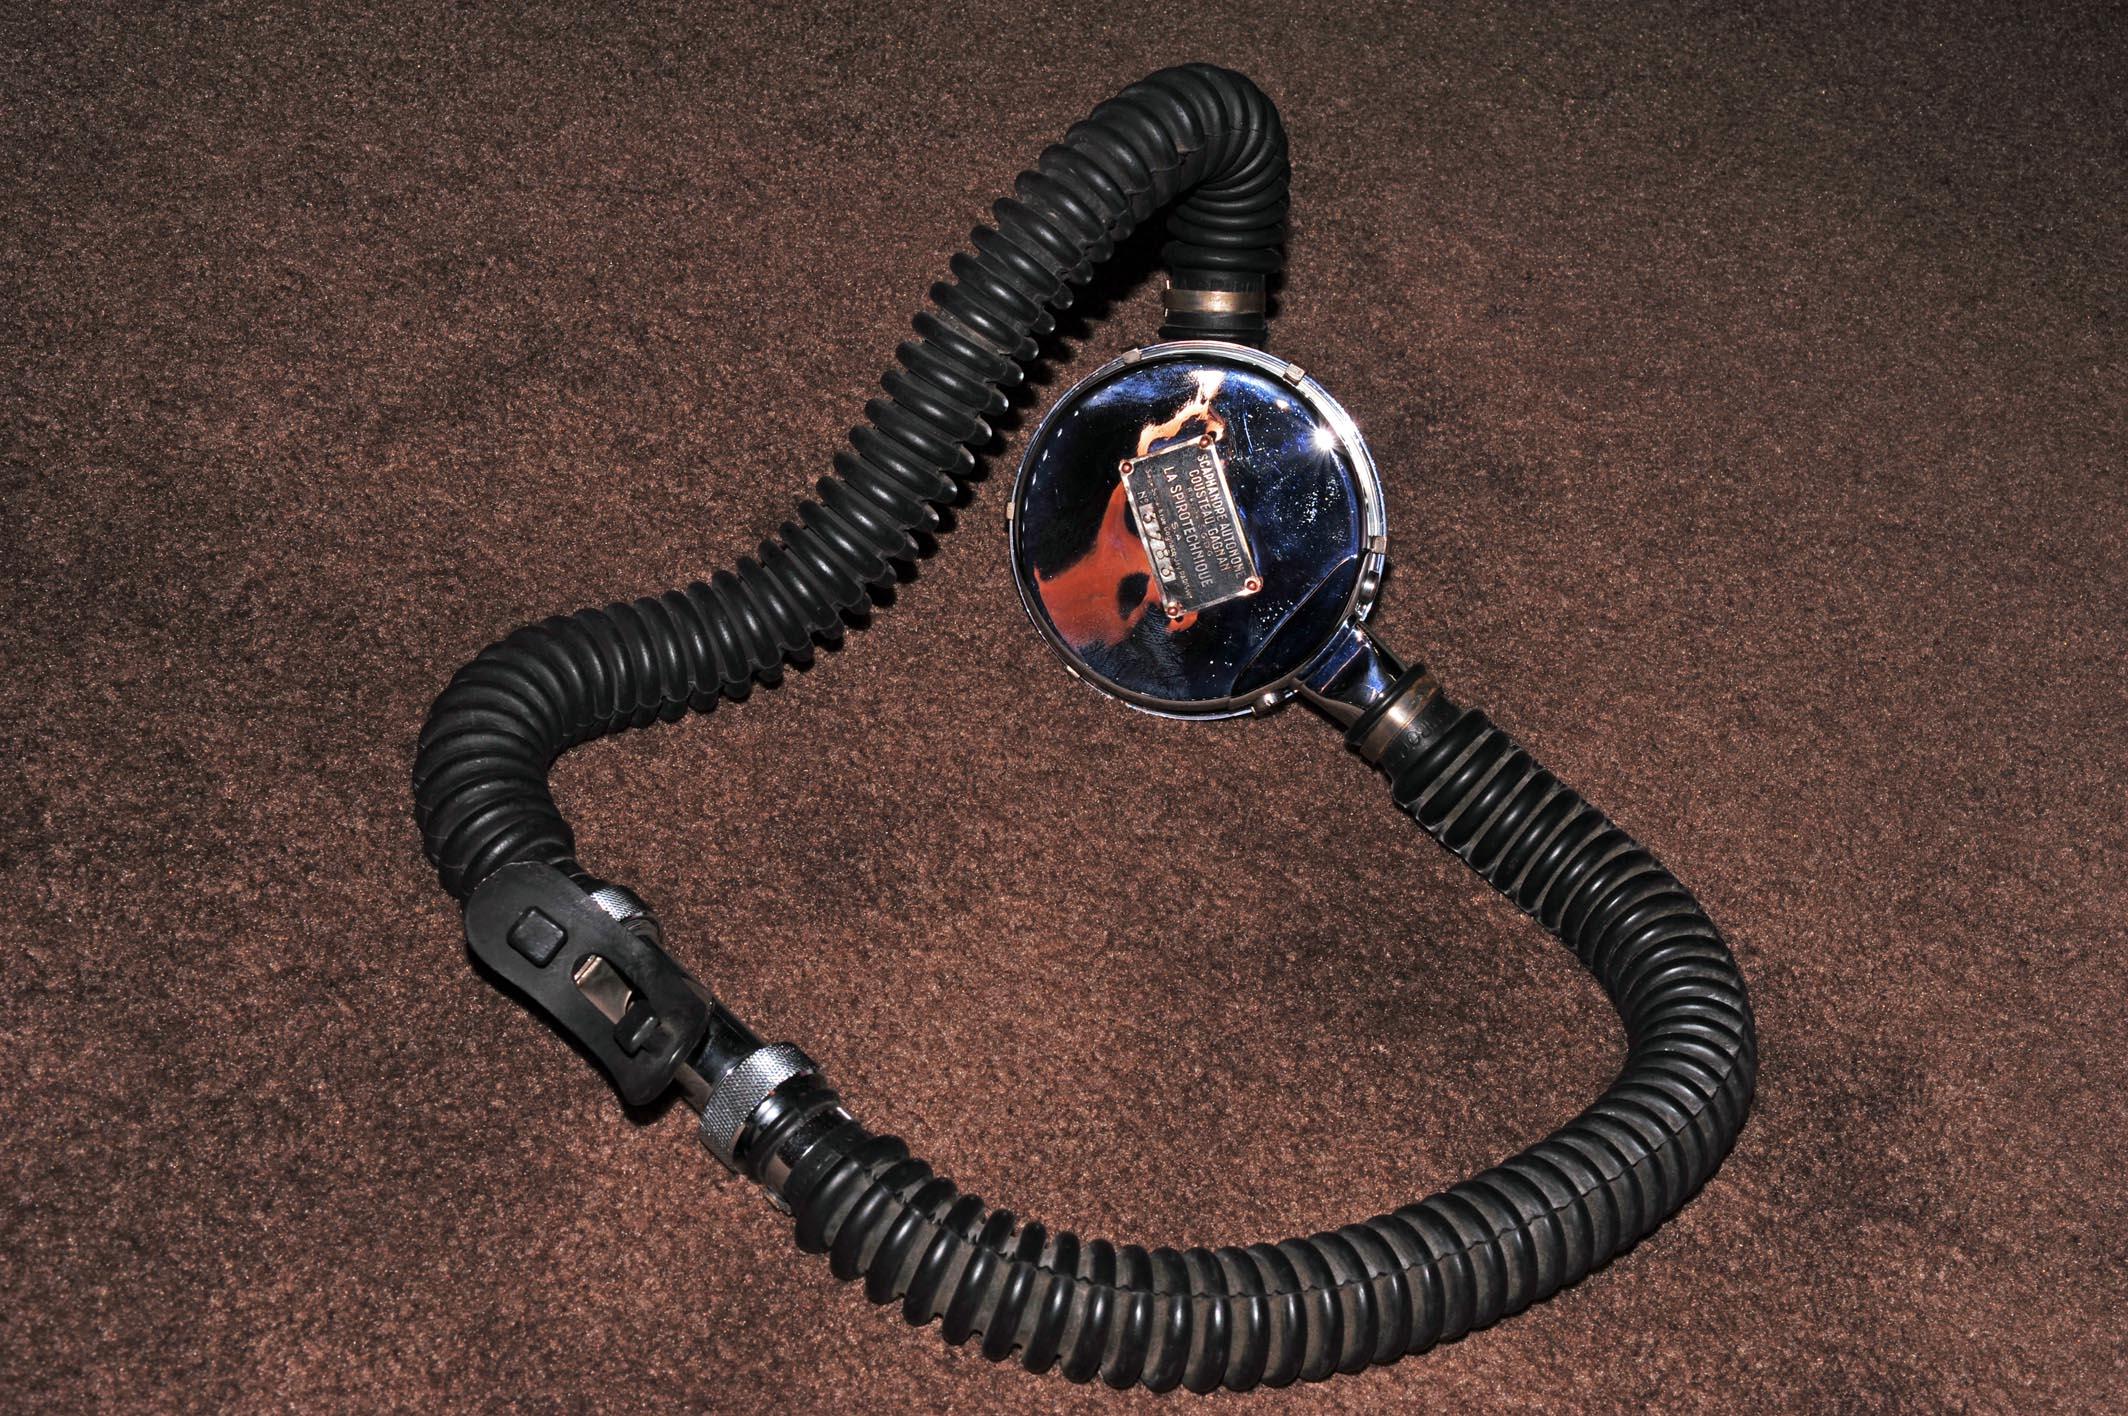 remontage des tuyaux annelés